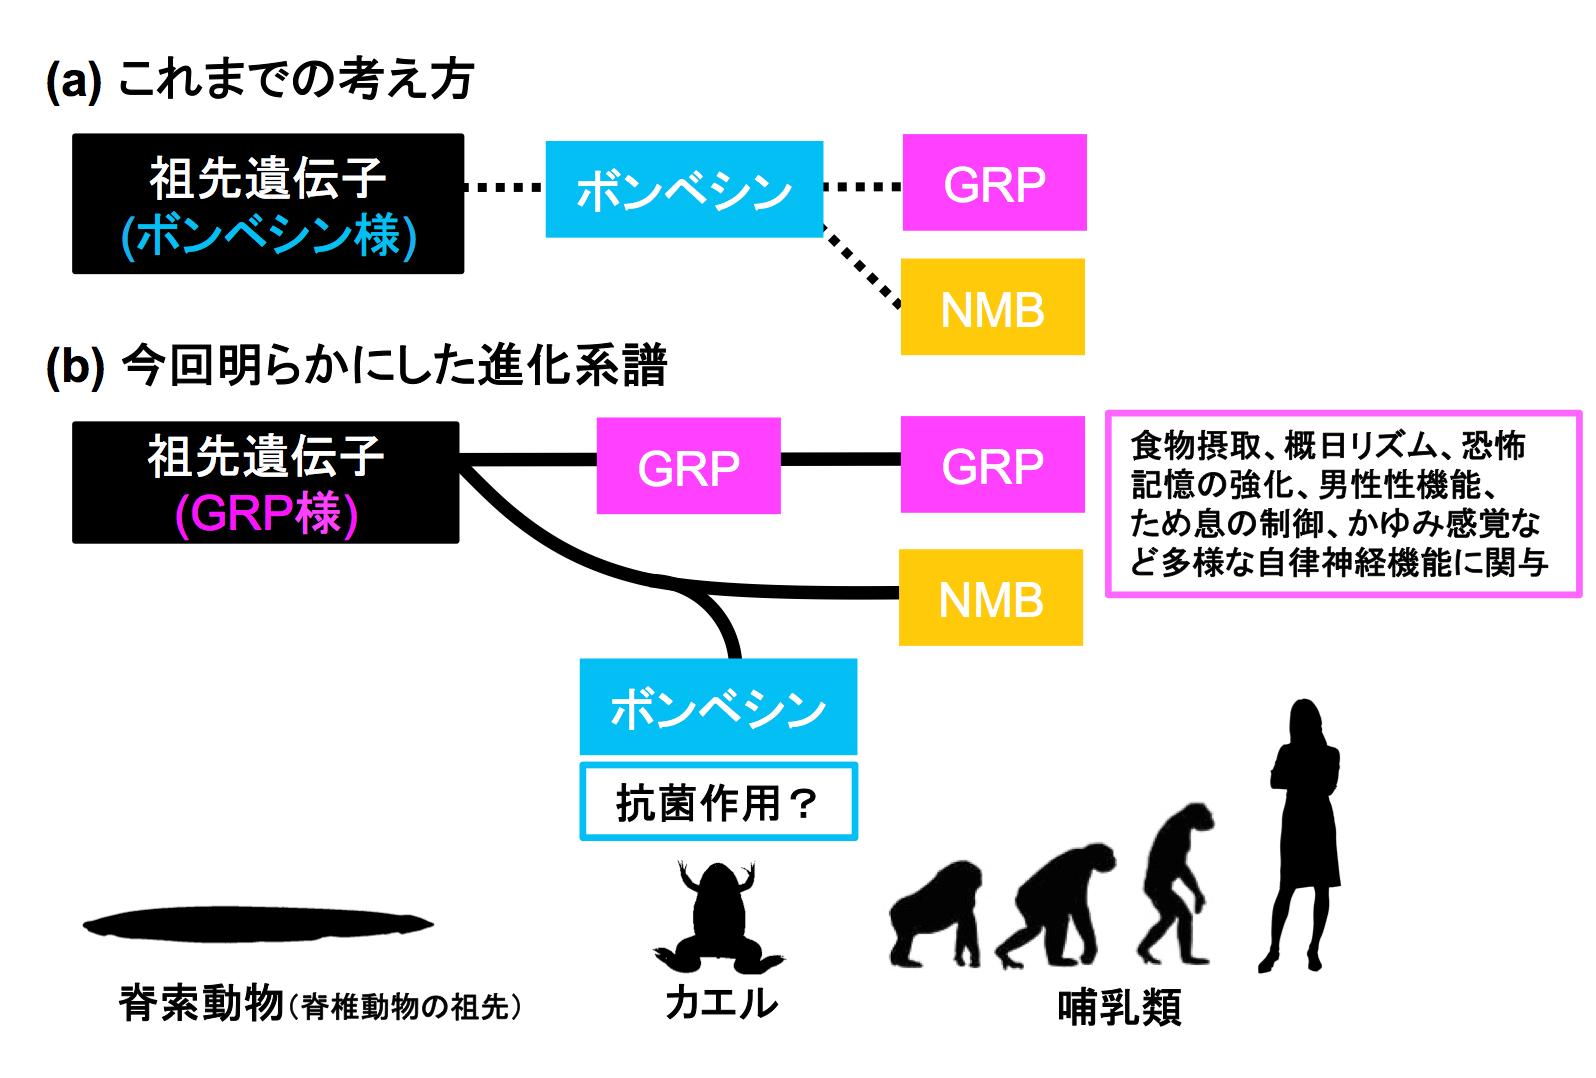 ご先祖様だと信じてきたもの、実は叔母のような関係? カエル抗菌ペプチド「ボンベシン」と哺乳類神経ペプチド「ガストリン放出ペプチド」とは異なる進化系譜だった